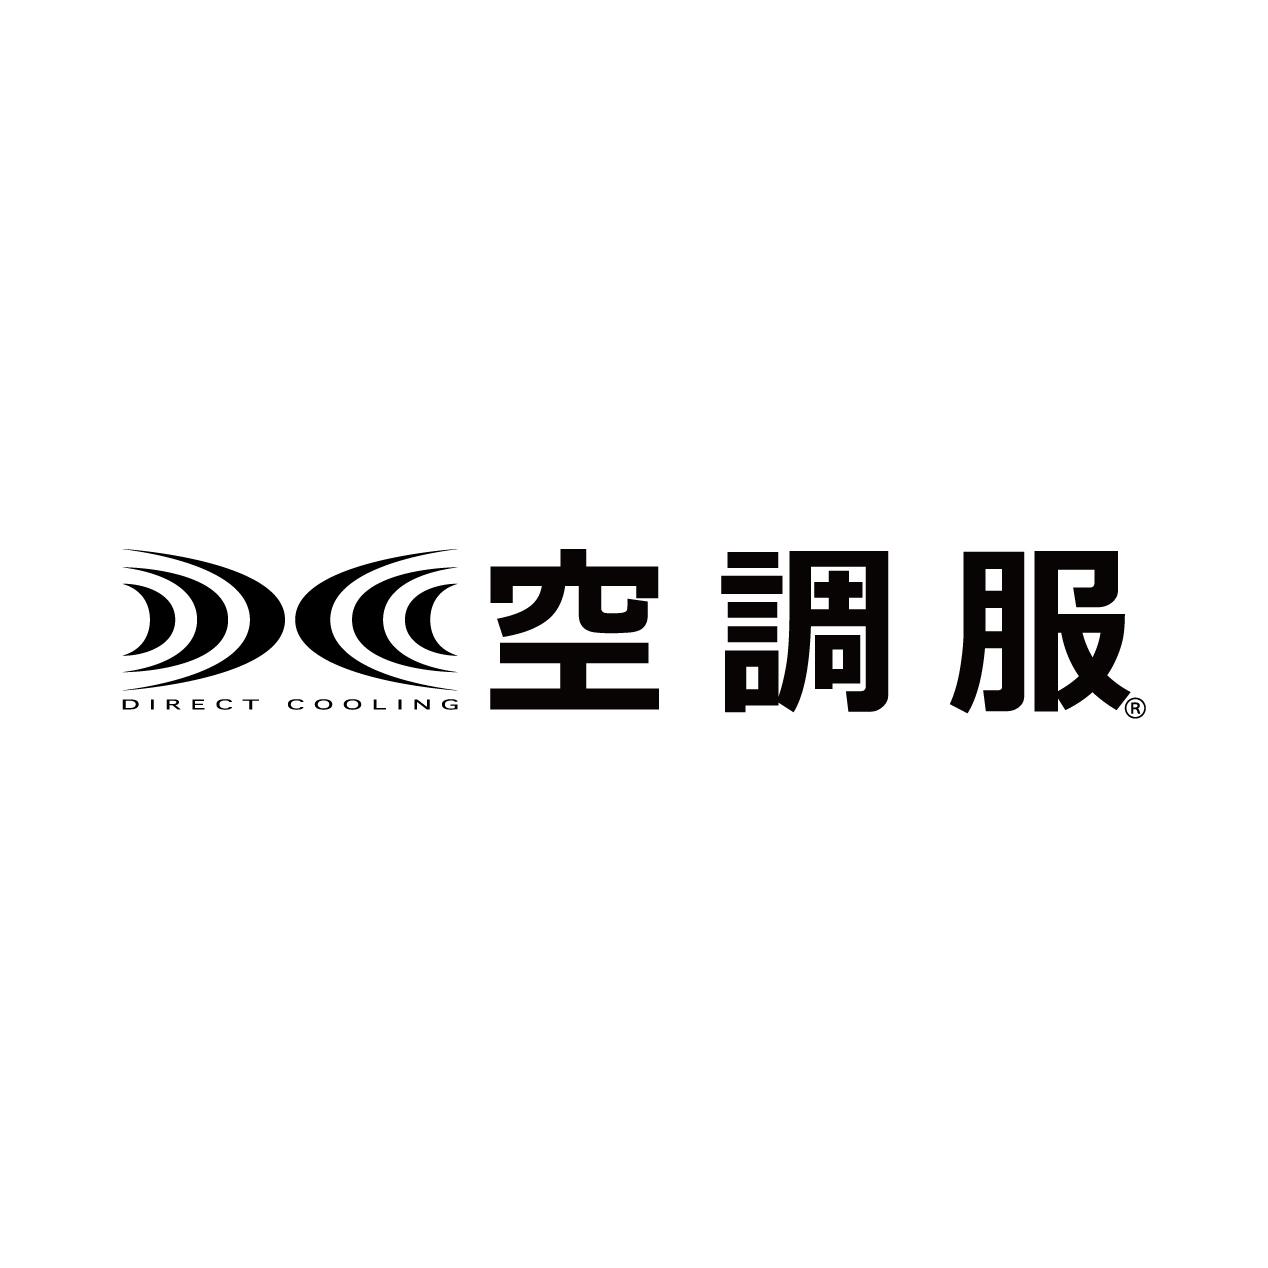 空調ベスト TM 【全6色】